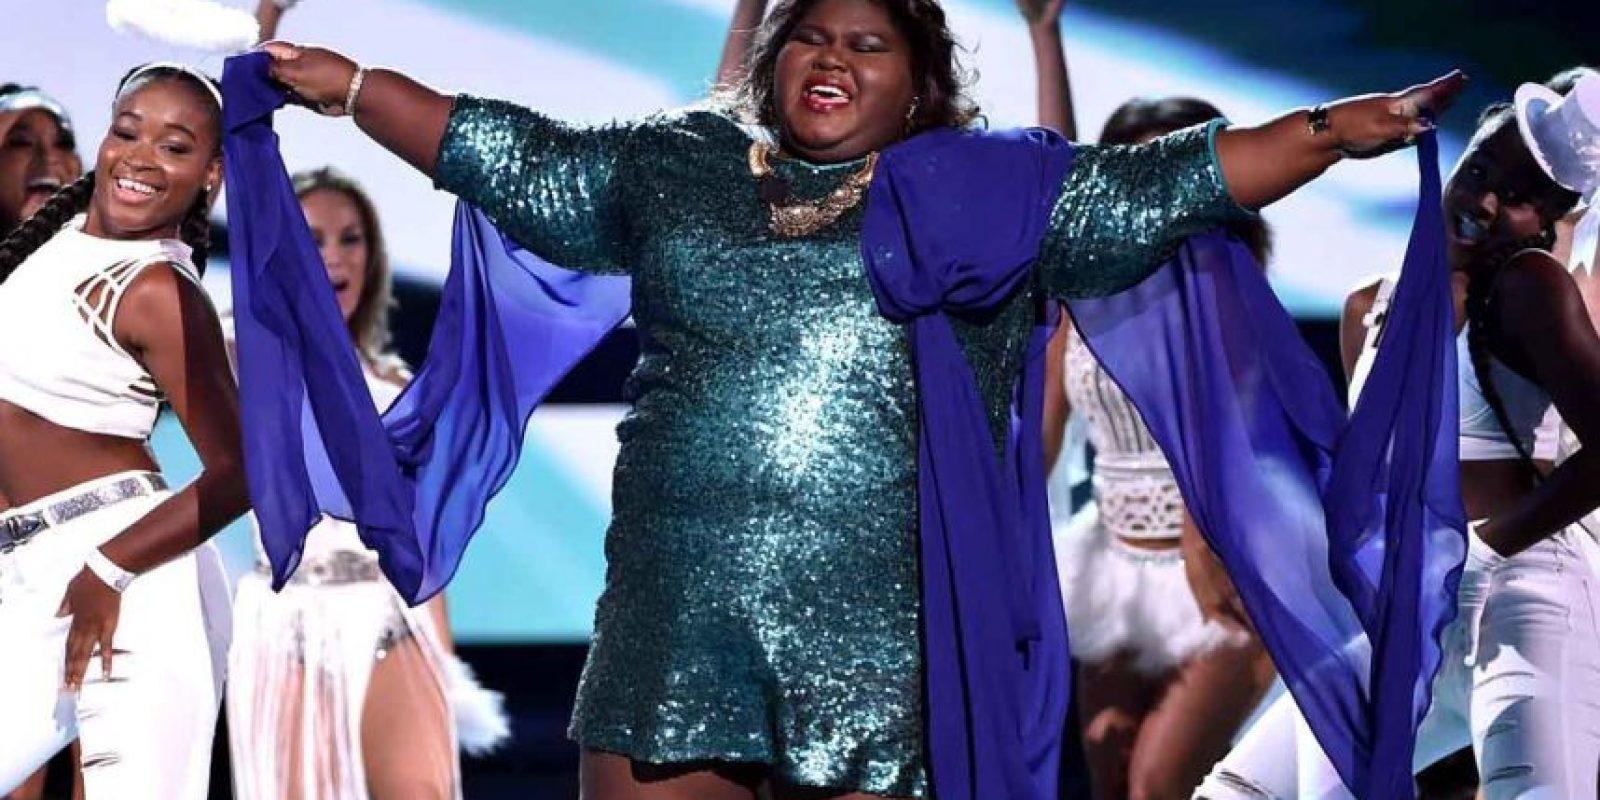 La actriz no ha comentado sobre la imagen. Foto:Getty Images